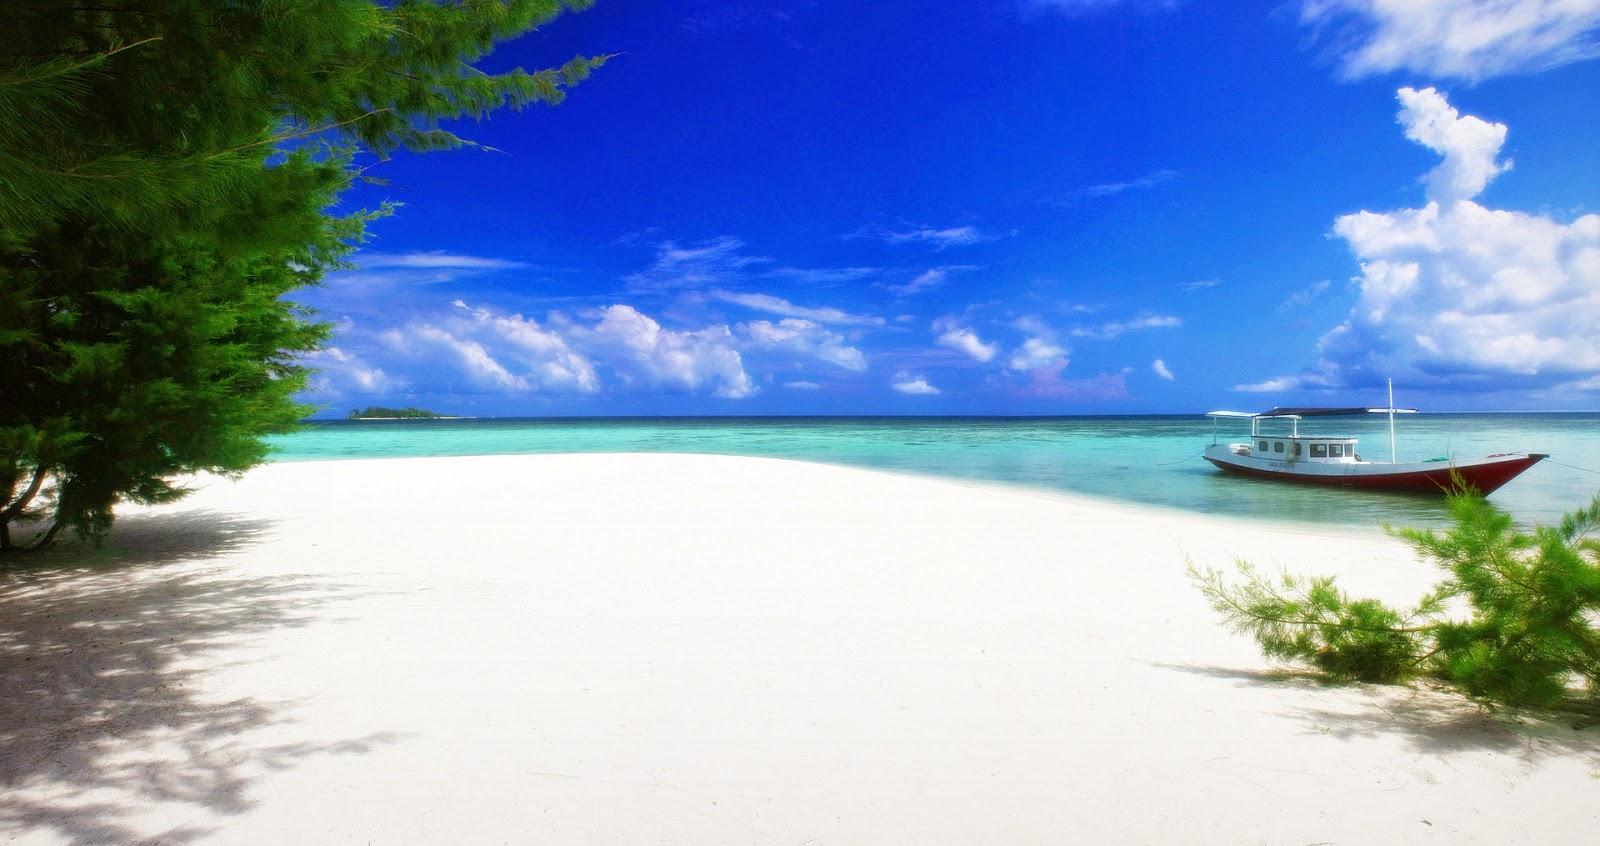 Pantai karimun Jawa, Jawa Tengah